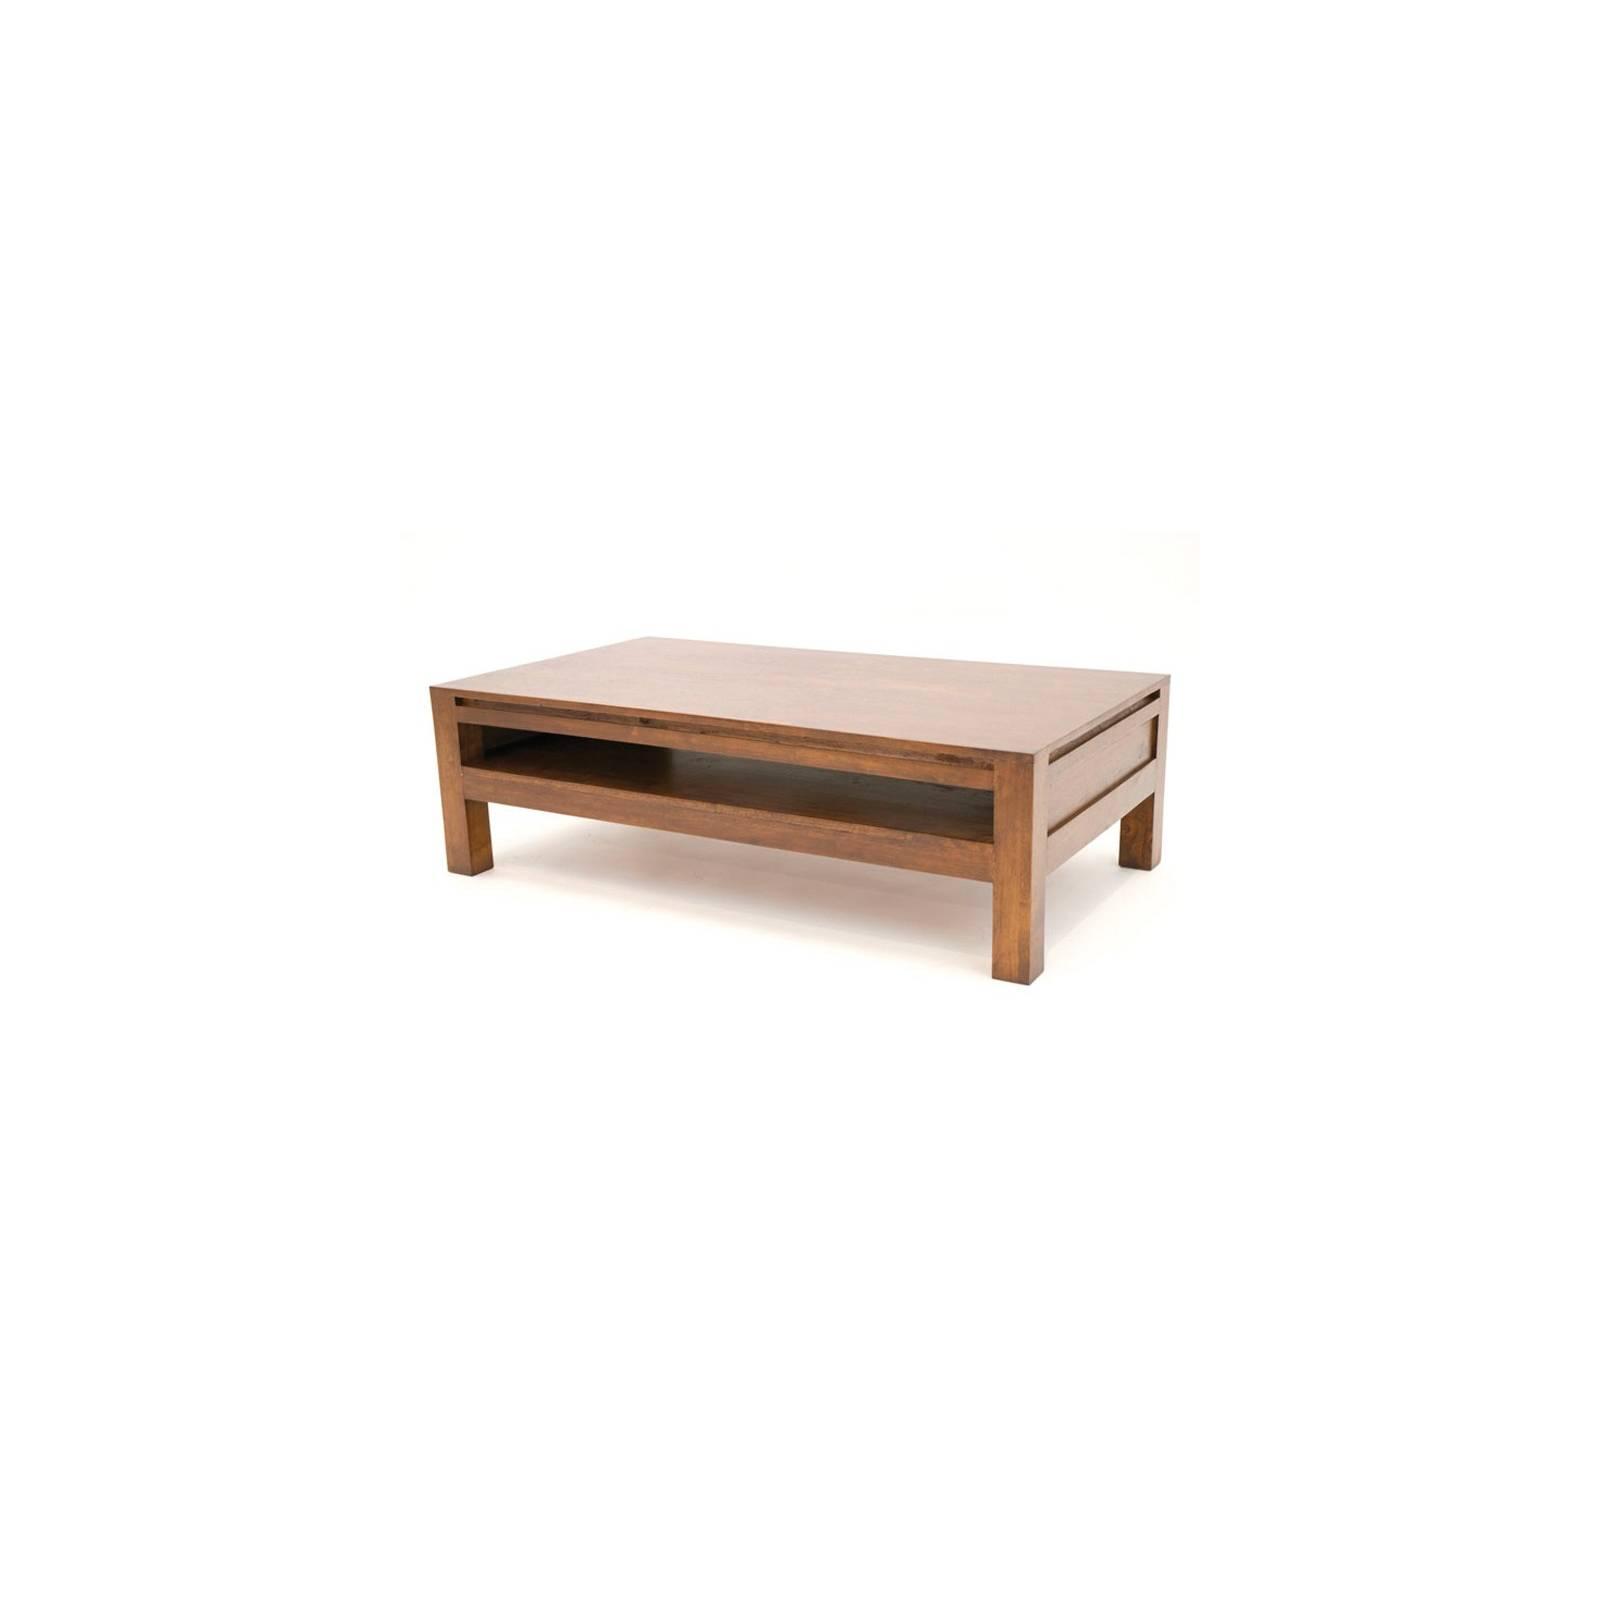 Table Basse Rectangulaire Fjord Hévéa - meuble déco